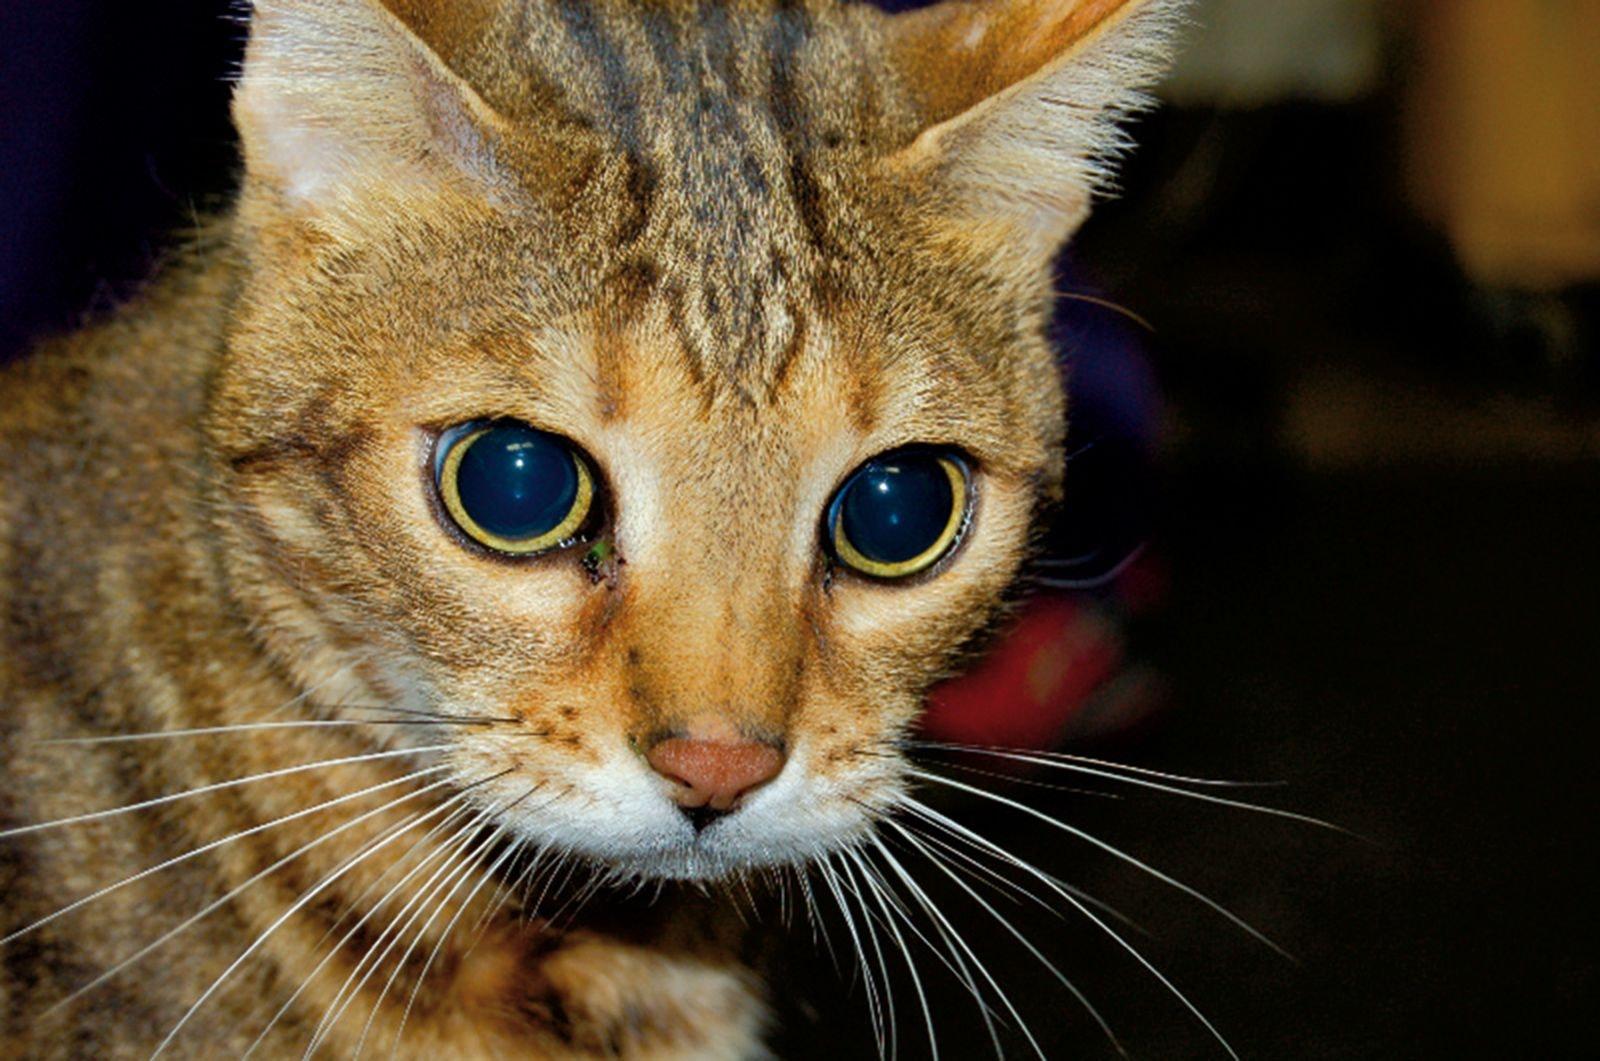 Mydriase bilatérale chez un chat. Cela peut indiquer une atteinte cérébrale sévère après un traumatisme crânien mais, dans ce cas, la mydriase était due à une atteinte rétinienne bilatérale d'origine traumatique, suggérée par un état de conscience normal de l'animal.